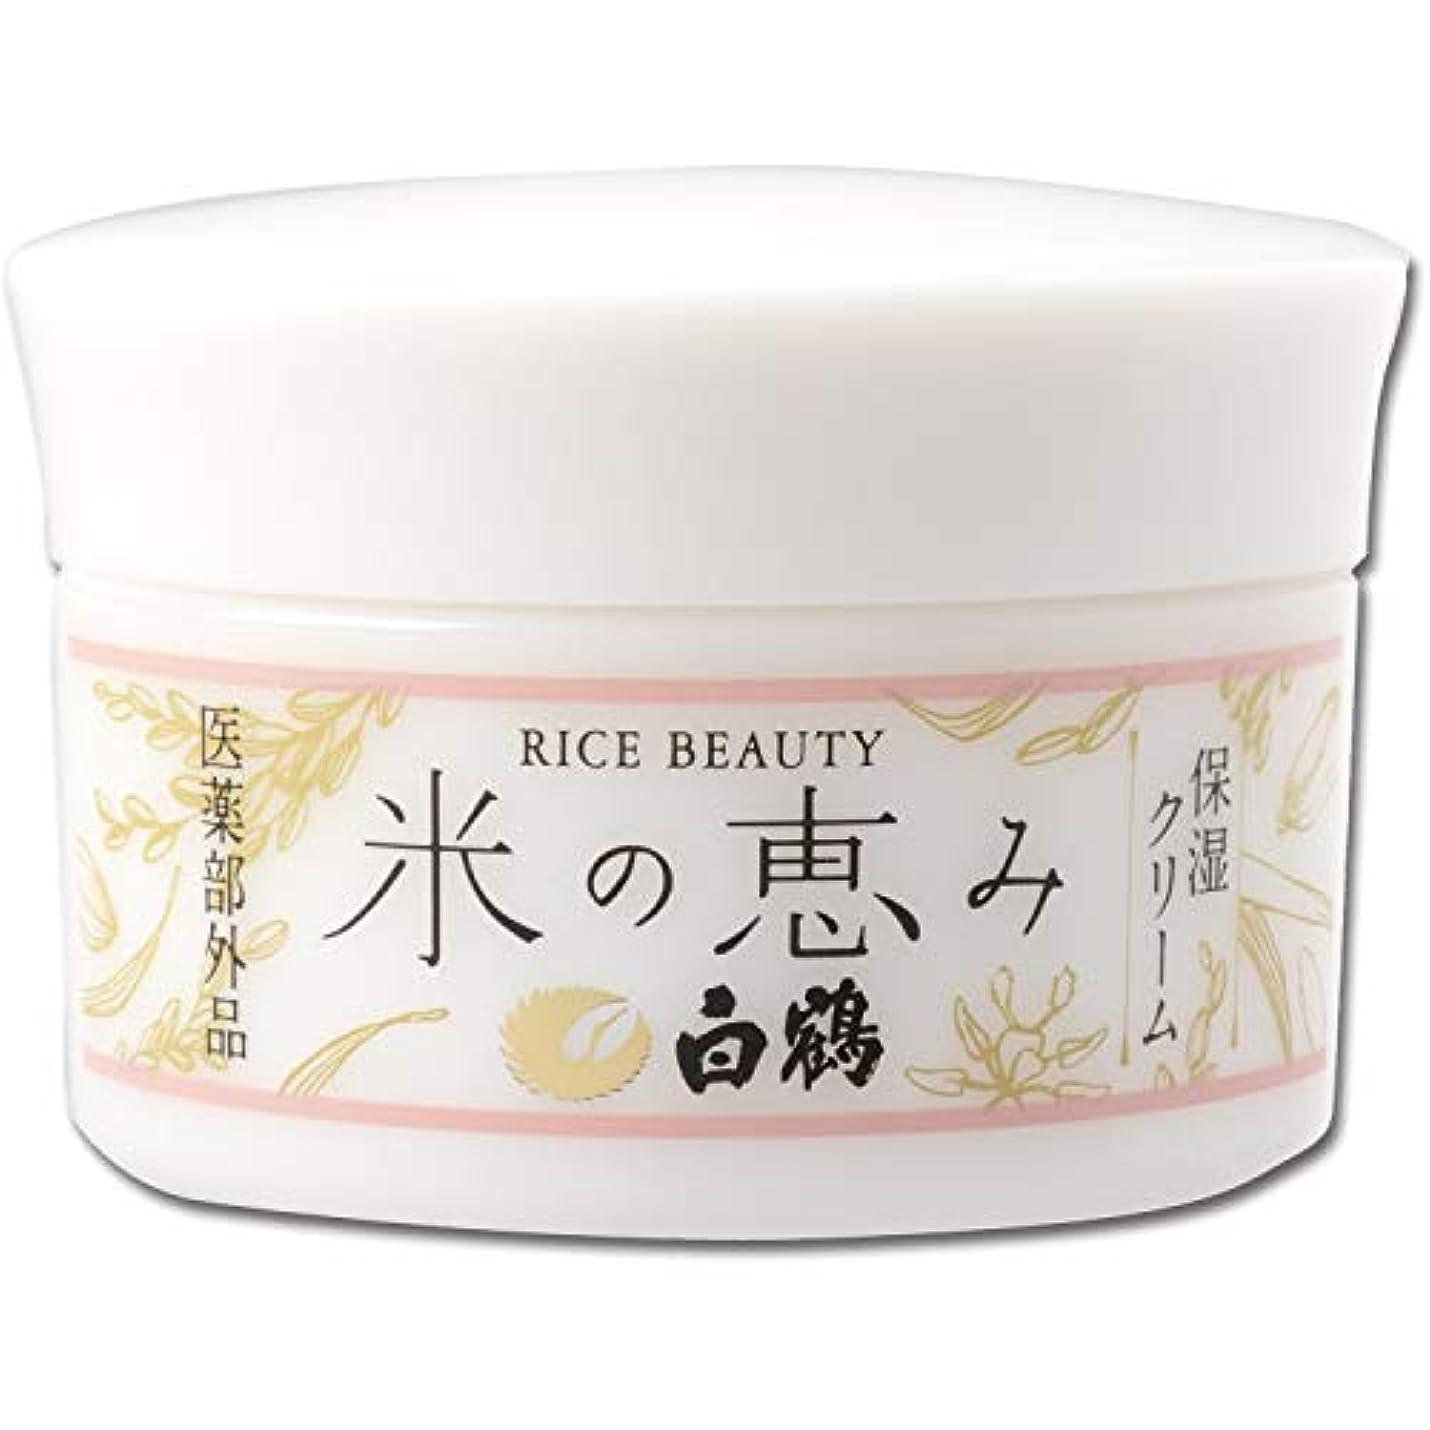 値ブル予算白鶴 ライスビューティー 米の恵み 保湿クリーム 48g (医薬部外品)